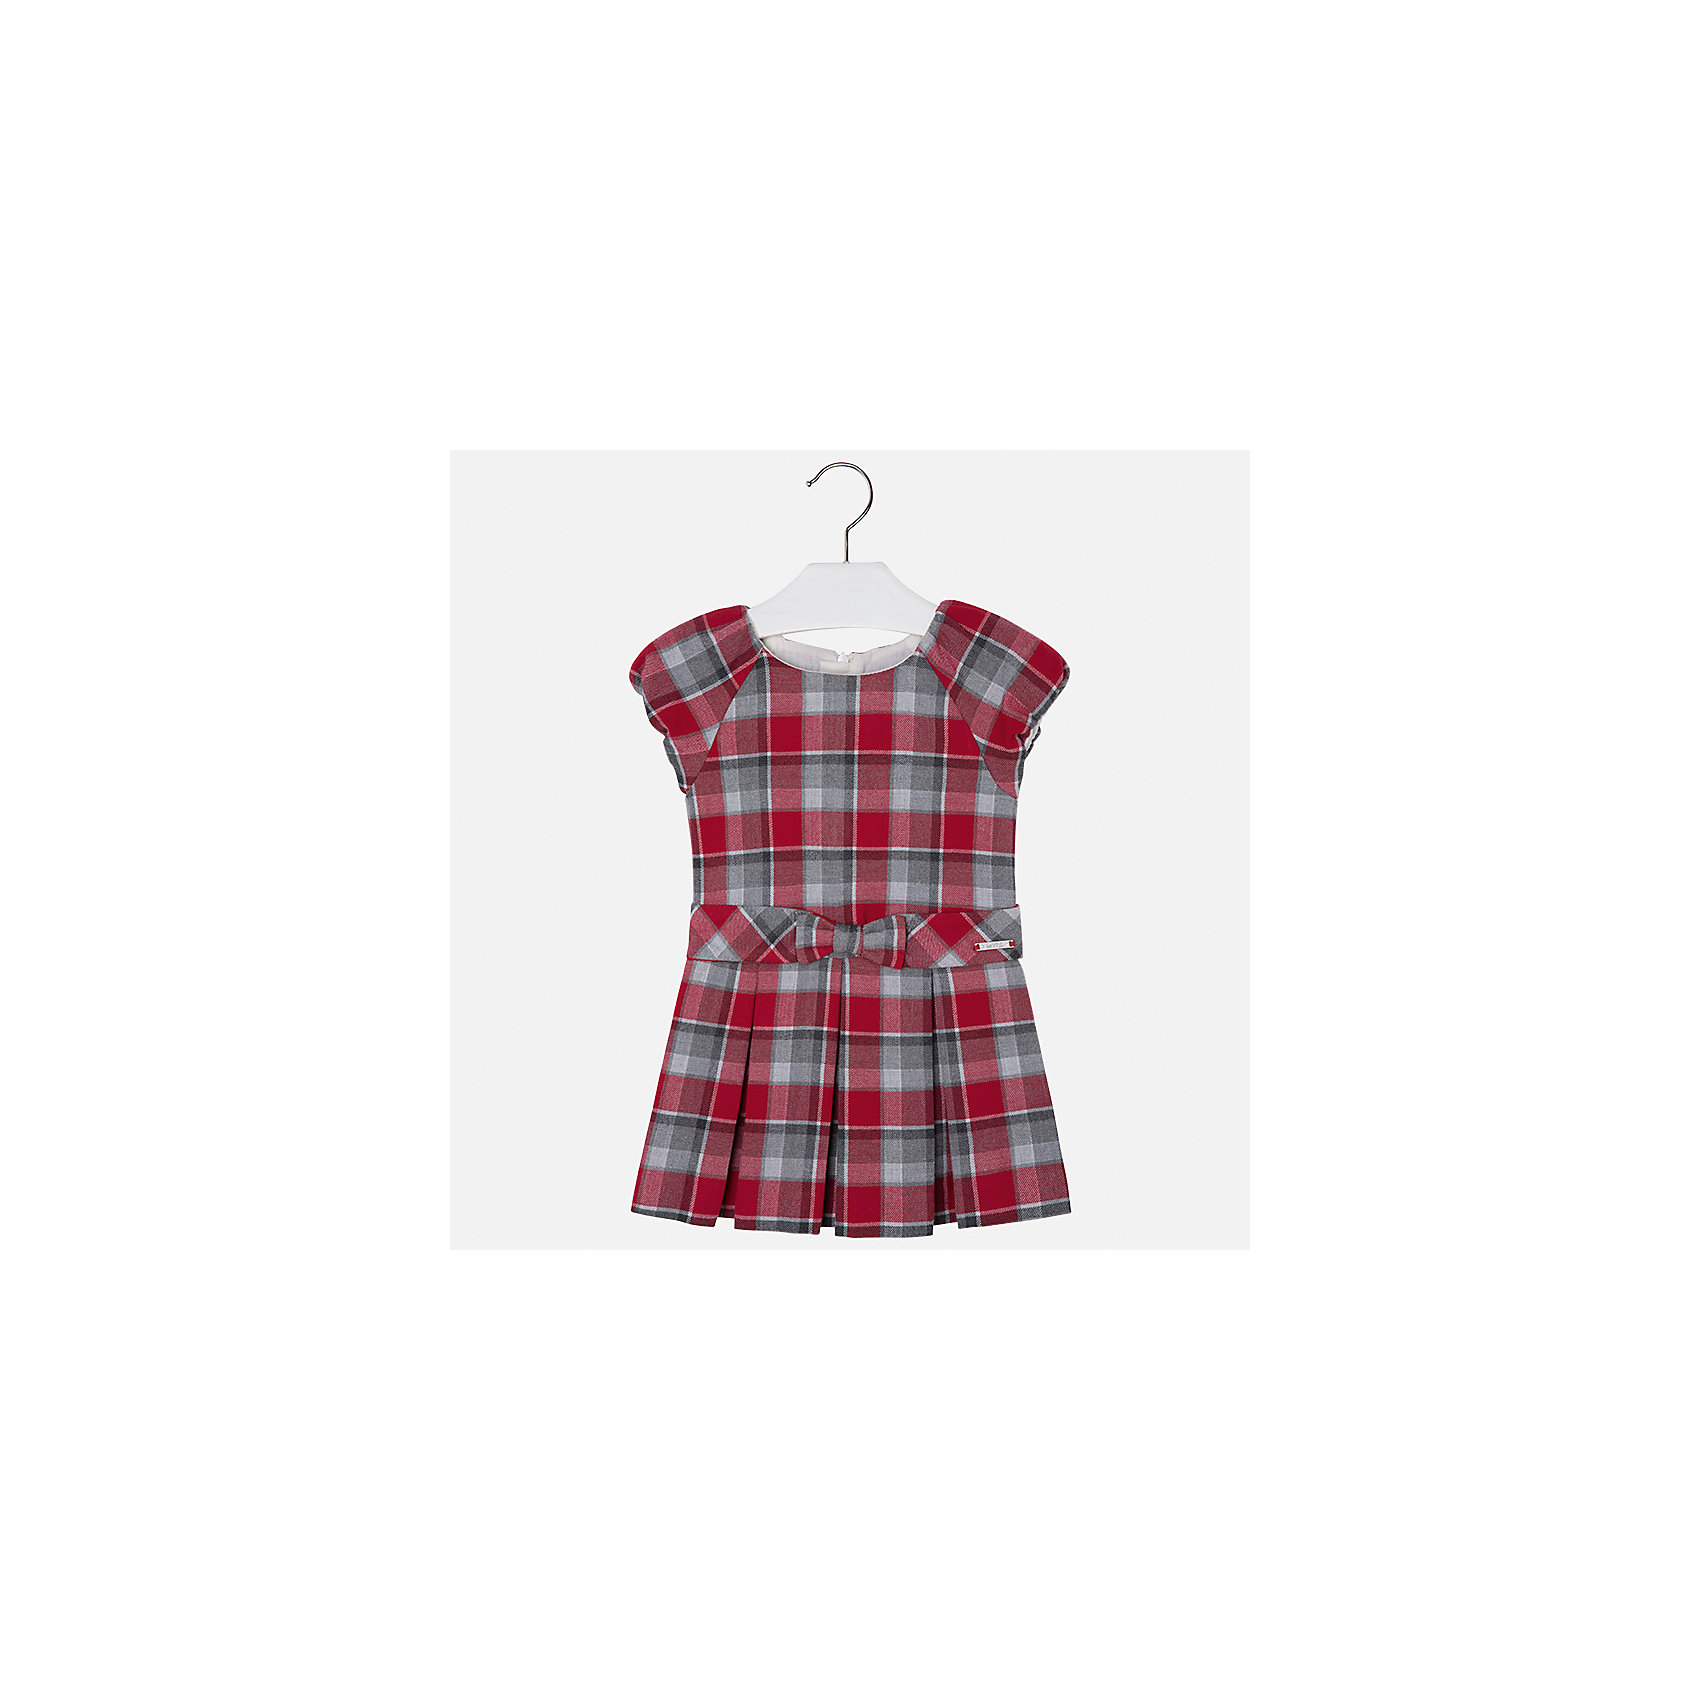 Платье Mayoral для девочкиОсенне-зимние платья и сарафаны<br>Характеристики товара:<br><br>• цвет: красный<br>• состав ткани: 67% полиэстер, 33% хлопок, подклад - 50% хлопок, 50% полиэстер<br>• сезон: круглый год<br>• короткие рукава<br>• застежка: молния<br>• страна бренда: Испания<br>• страна изготовитель: Индия<br><br>Это платье отличается крупными складками на подоле и бантом на поясе. Детское платье от бренда Майорал поможет девочке выглядеть женственно и стильно. <br><br>В одежде от испанской компании Майорал ребенок будет выглядеть модно, а чувствовать себя - комфортно. Целая команда европейских талантливых дизайнеров работает над созданием стильных и оригинальных моделей одежды.<br><br>Платье для девочки Mayoral (Майорал) можно купить в нашем интернет-магазине.<br><br>Ширина мм: 236<br>Глубина мм: 16<br>Высота мм: 184<br>Вес г: 177<br>Цвет: красный<br>Возраст от месяцев: 96<br>Возраст до месяцев: 108<br>Пол: Женский<br>Возраст: Детский<br>Размер: 134,116,98,104,110,122,128<br>SKU: 6923160